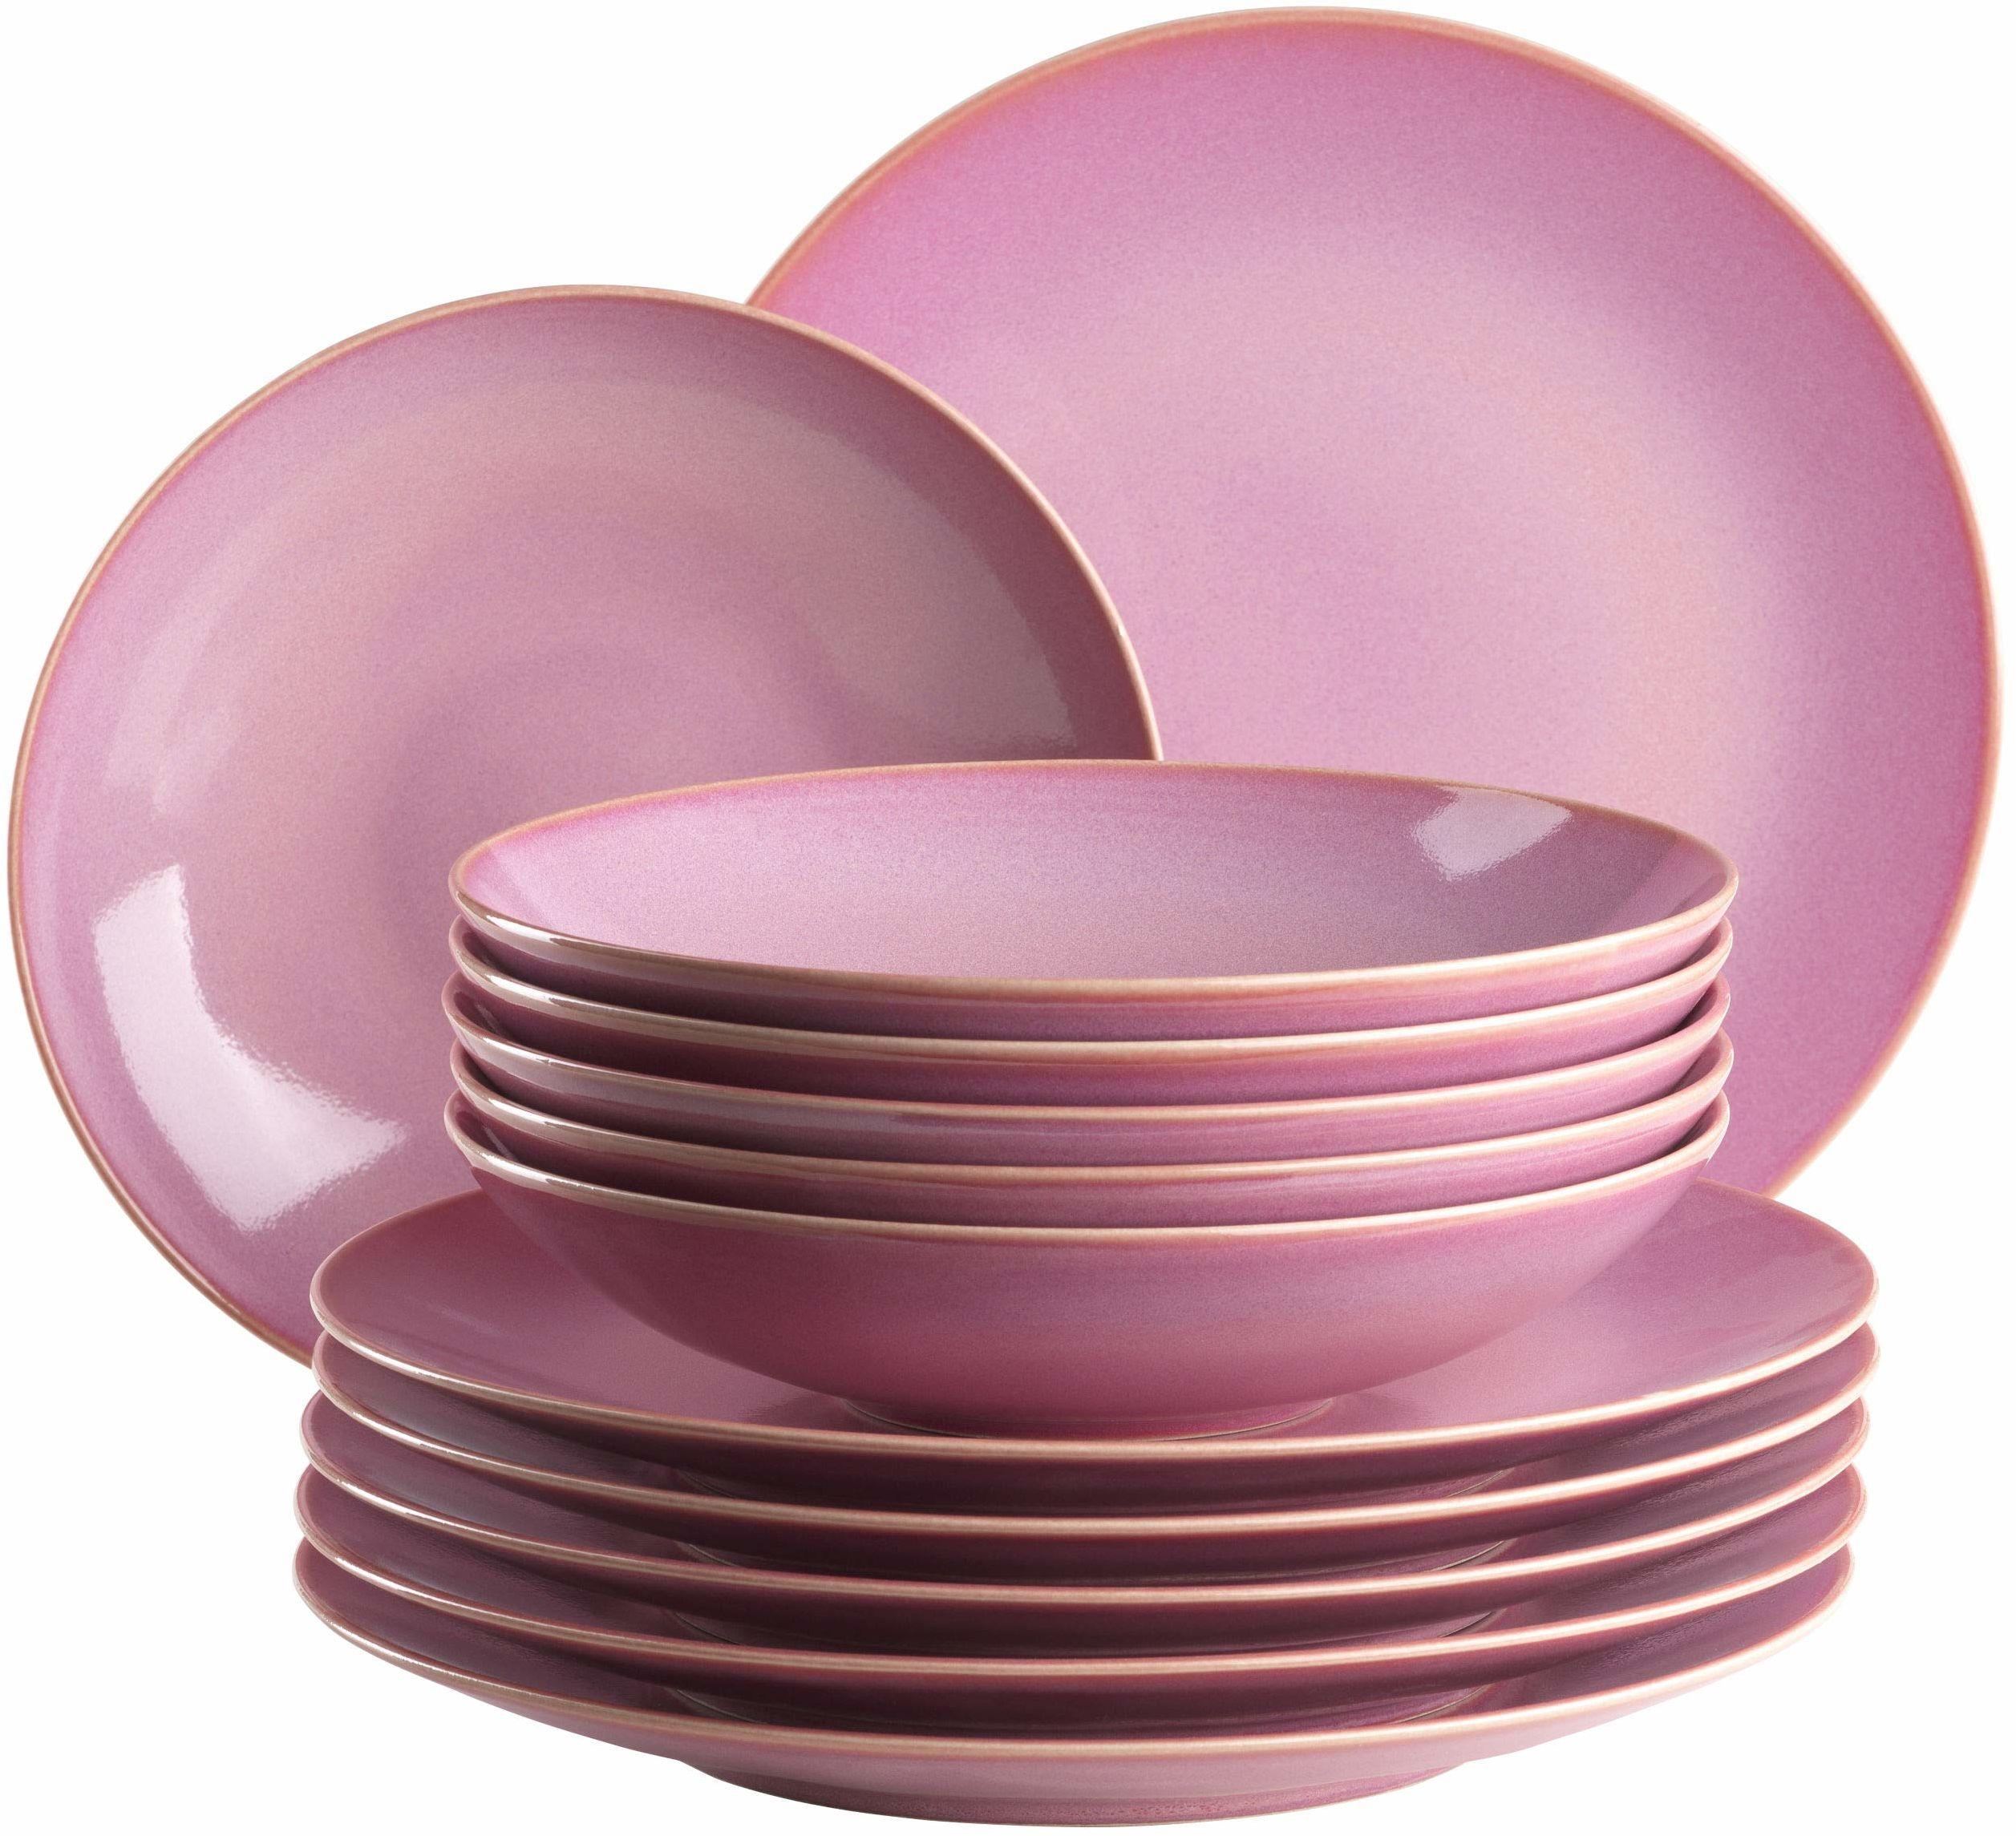 MÄSER 931732 Ossia zestaw talerzy dla 6 osób w stylu śródziemnomorskim vintage, 12-częściowy nowoczesny serwis stołowy z talerzami na zupę i talerzami obiadowymi w kolorze różowym, ceramika